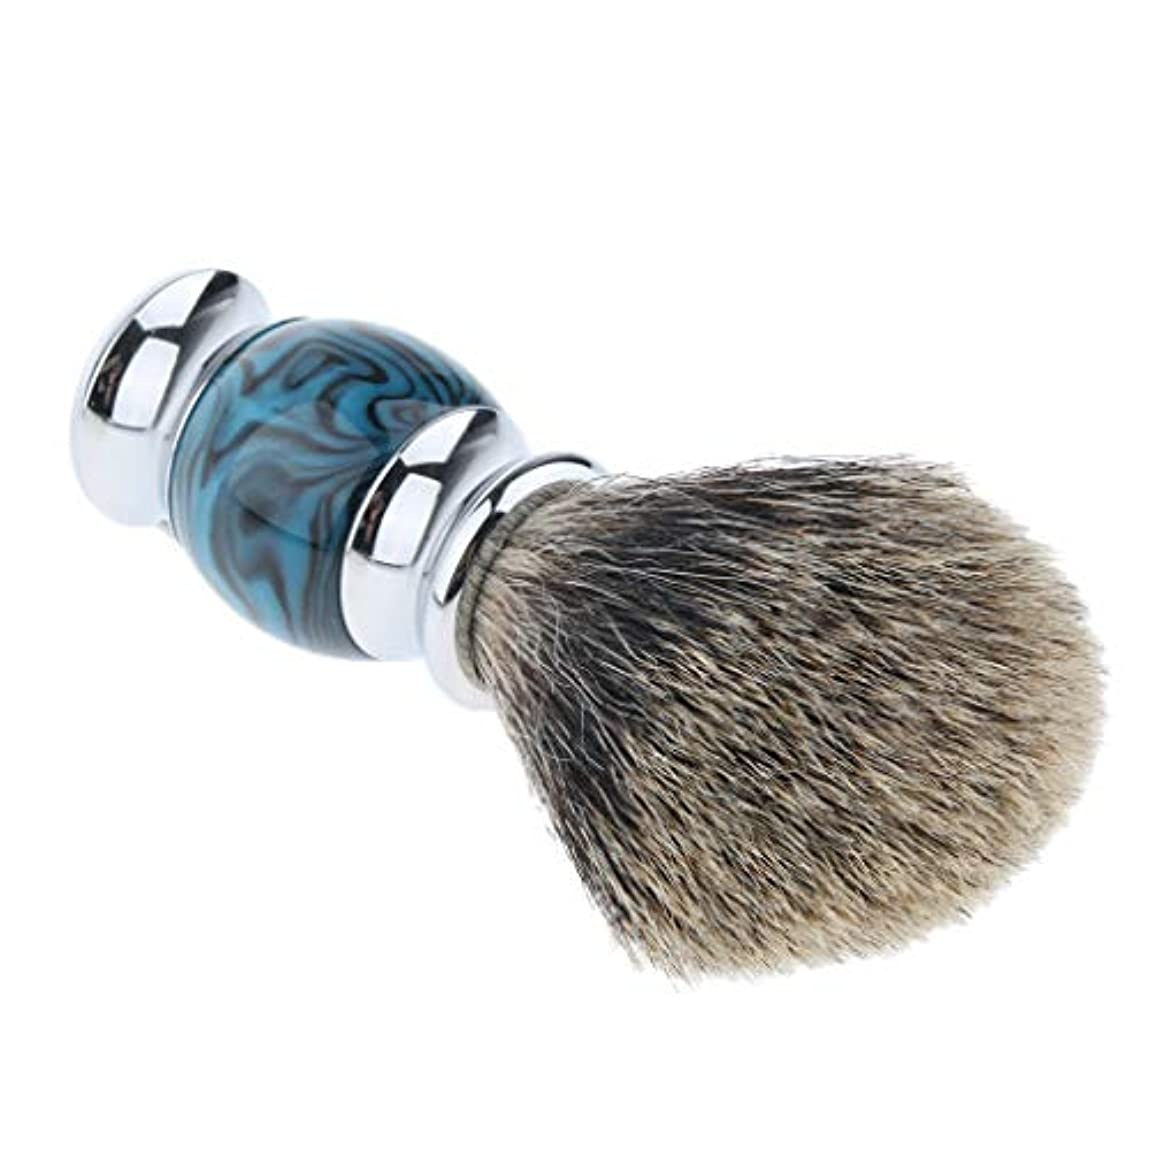 テストかかわらず十二chiwanji メンズ ひげブラシ シェービングブラシ 髭剃り 泡立ち 父の日 贈り物 多色選べ - 04